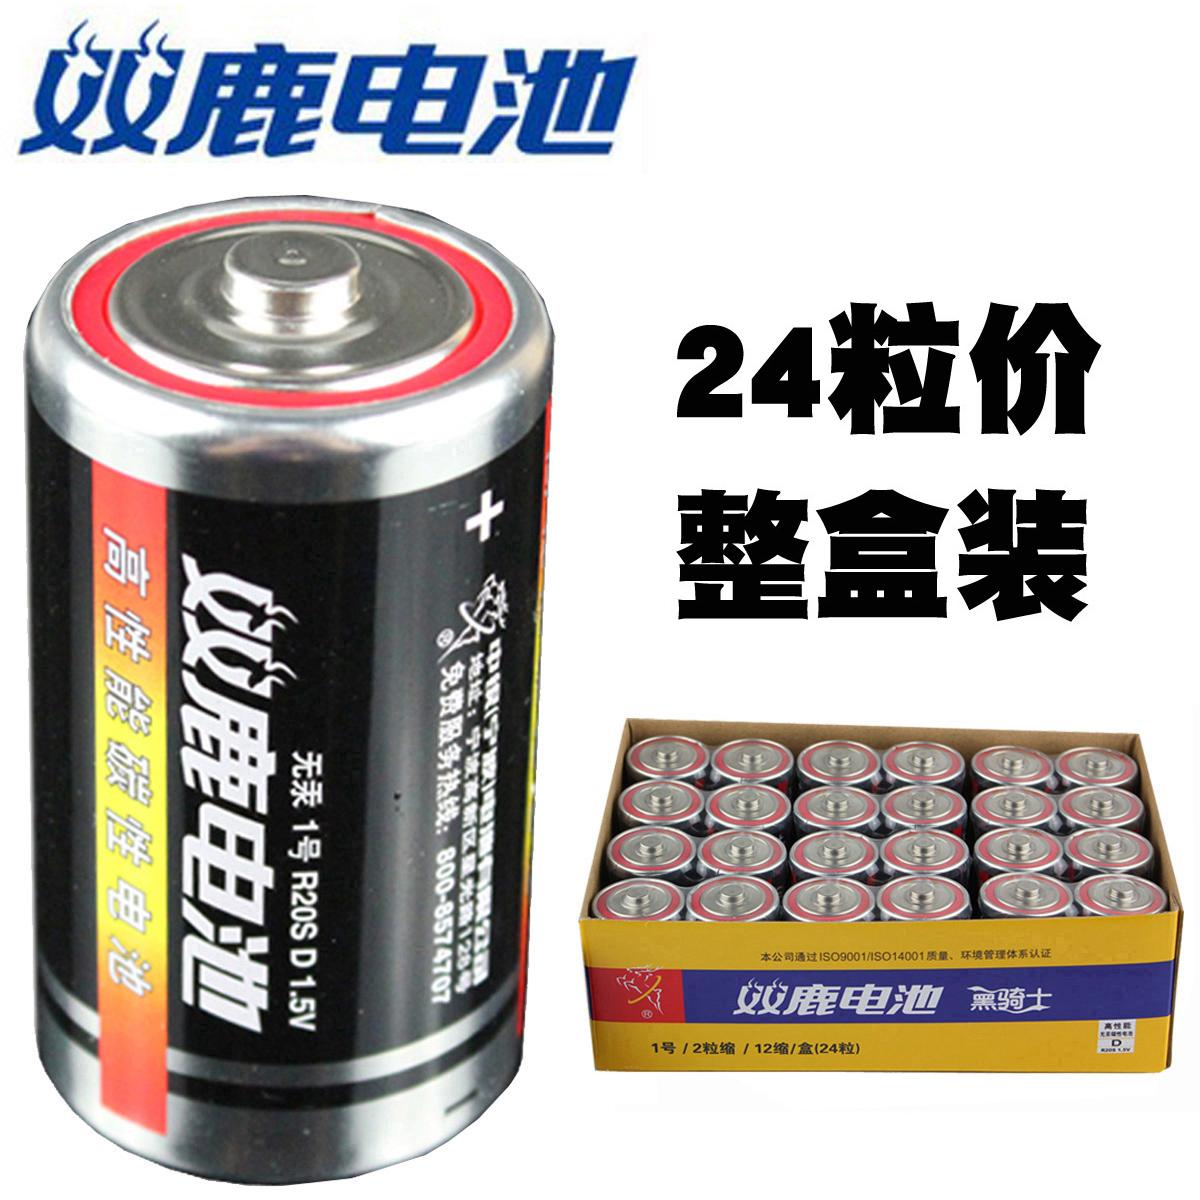 【24节】双鹿电池1号碳性 铁壳干电池煤燃气灶热水器用大粗手电筒